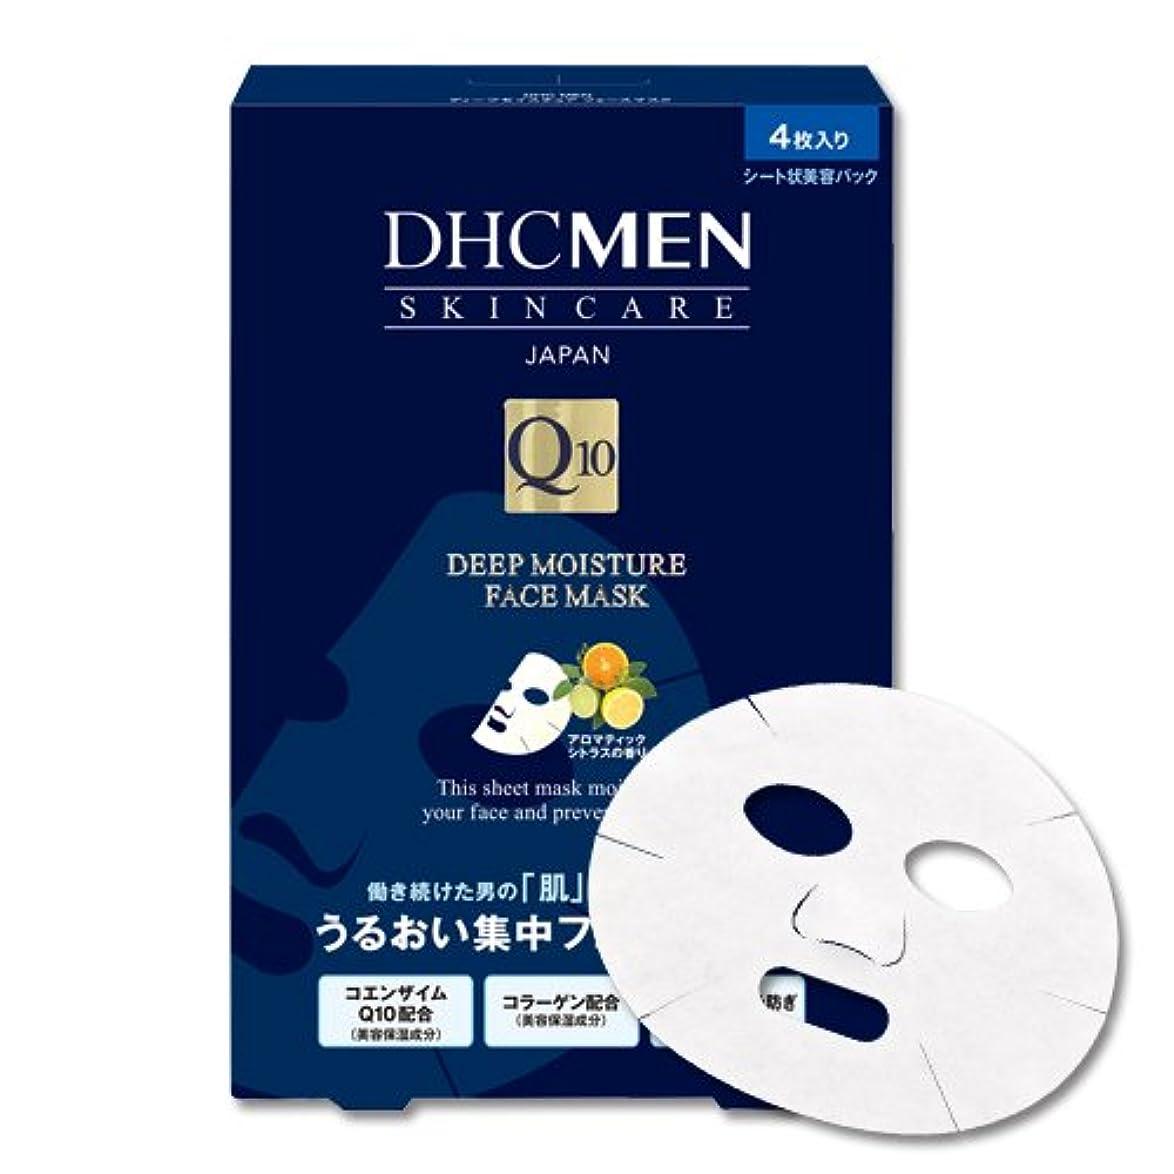 無限従事する捨てるDHC MEN ディープモイスチュア フェースマスク